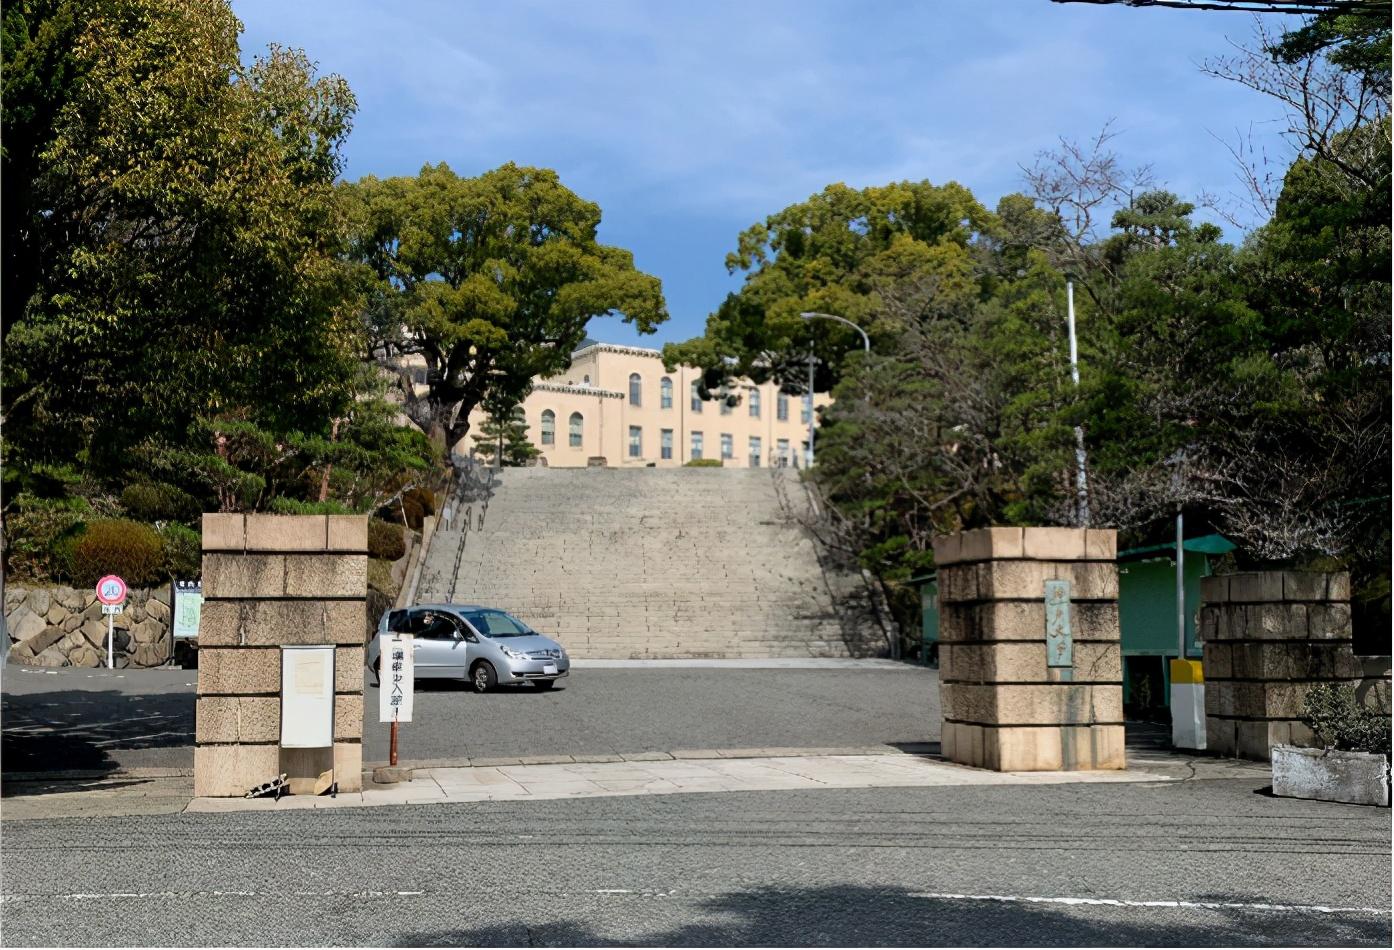 日本留学:这里有山,有海,还有神户大学